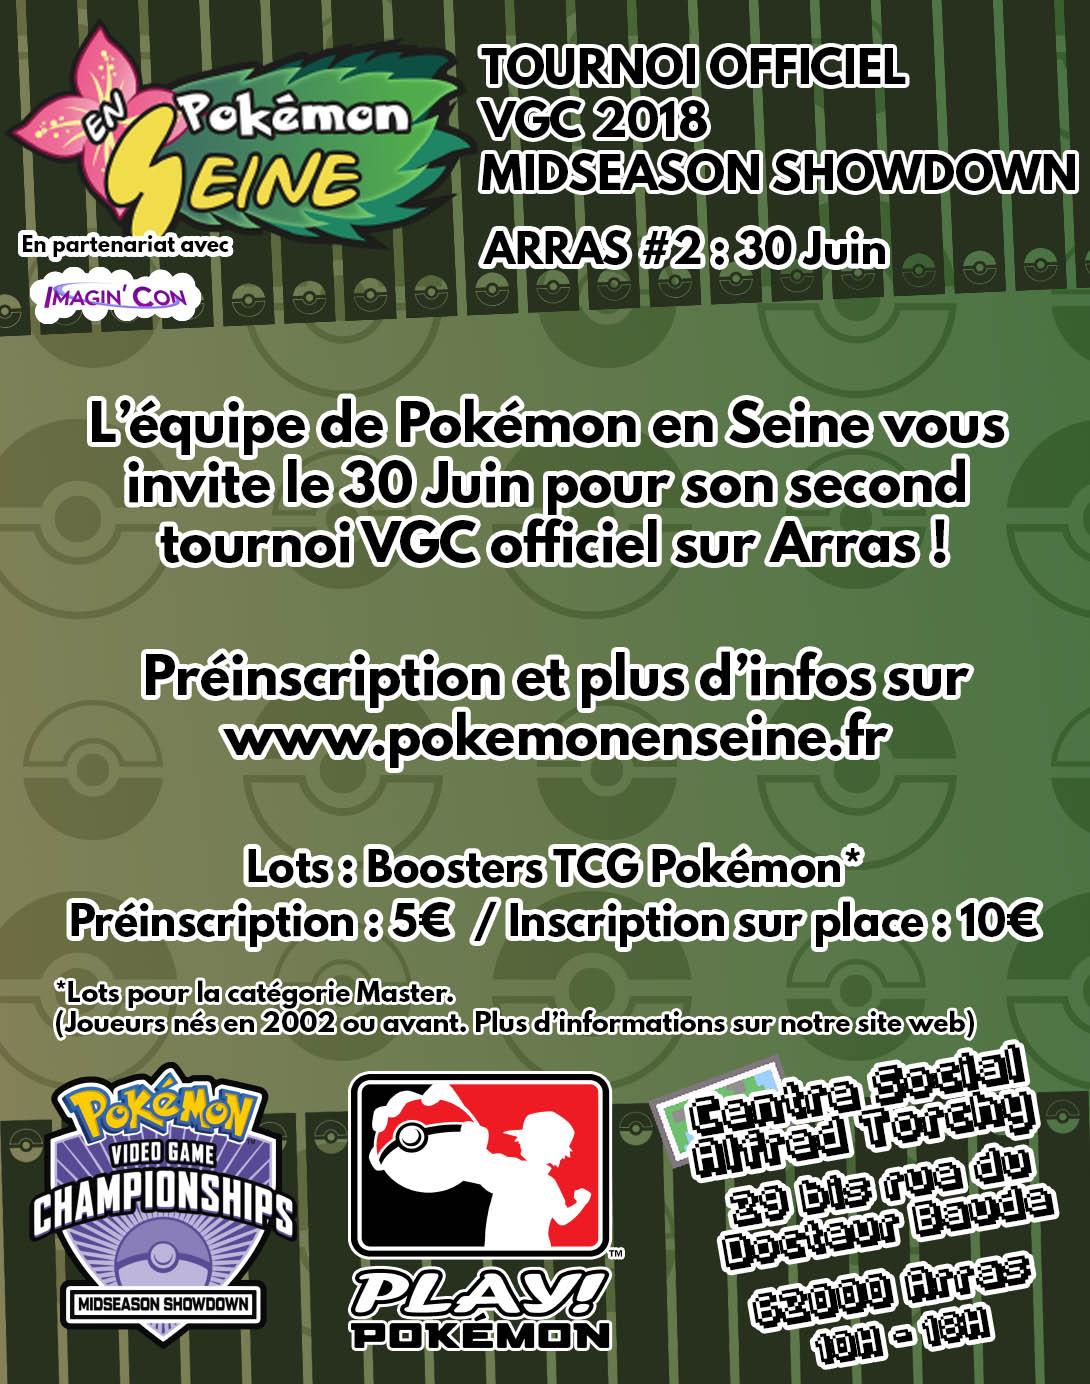 Nouveau tournoi VGC Pokémon en Seine à Arras le 30 Juin